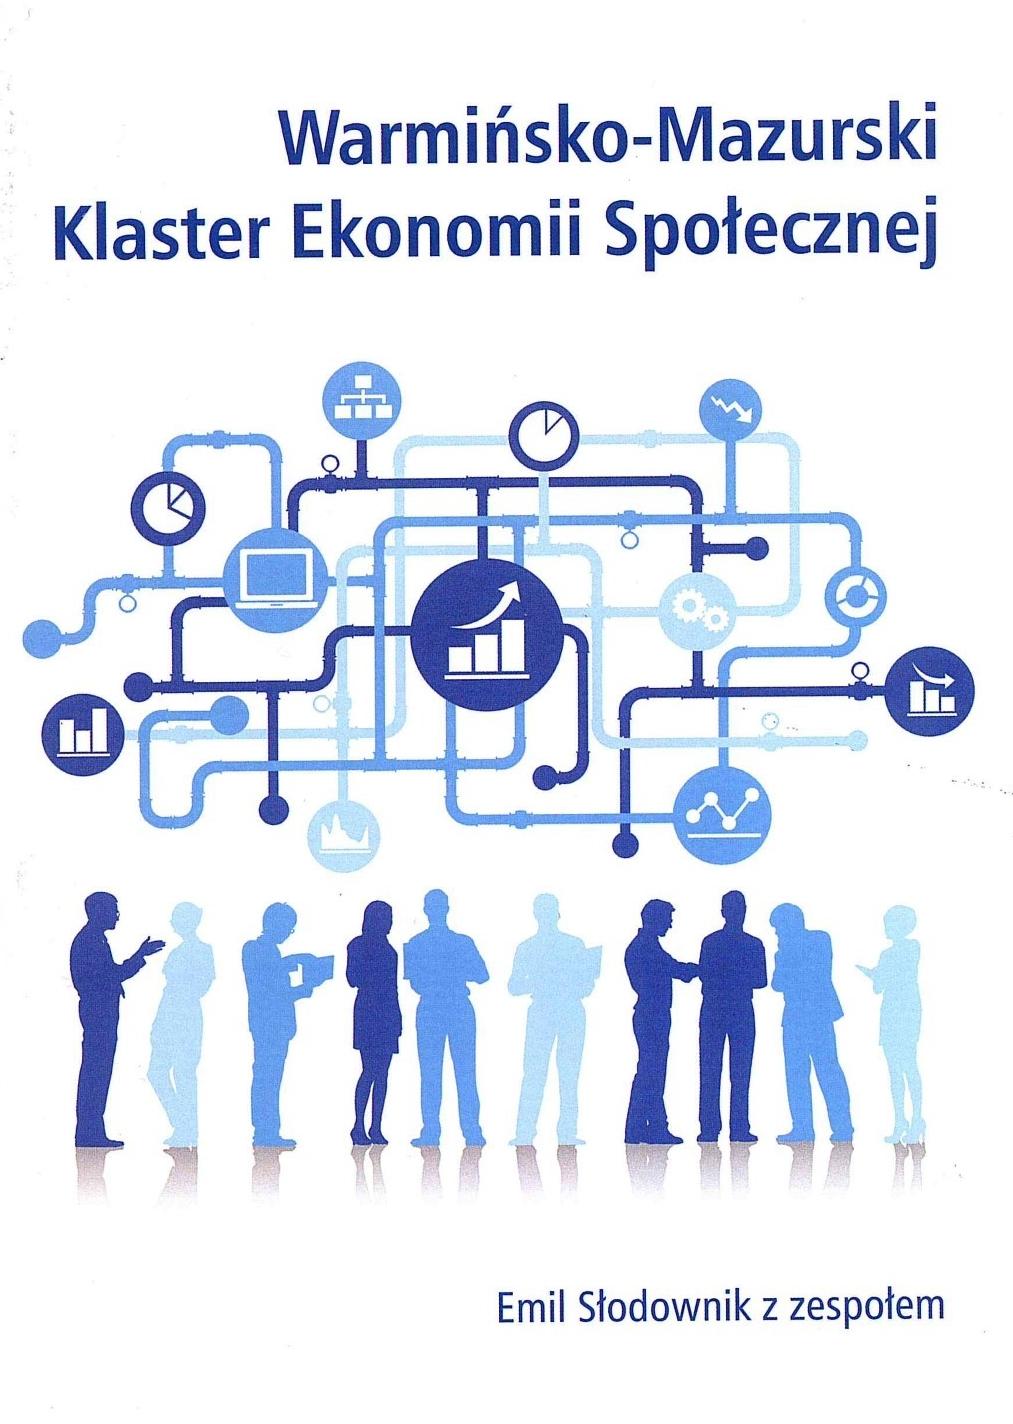 Warmińsko-Mazurski Klaster Ekonomii Społecznej, część I publikacje